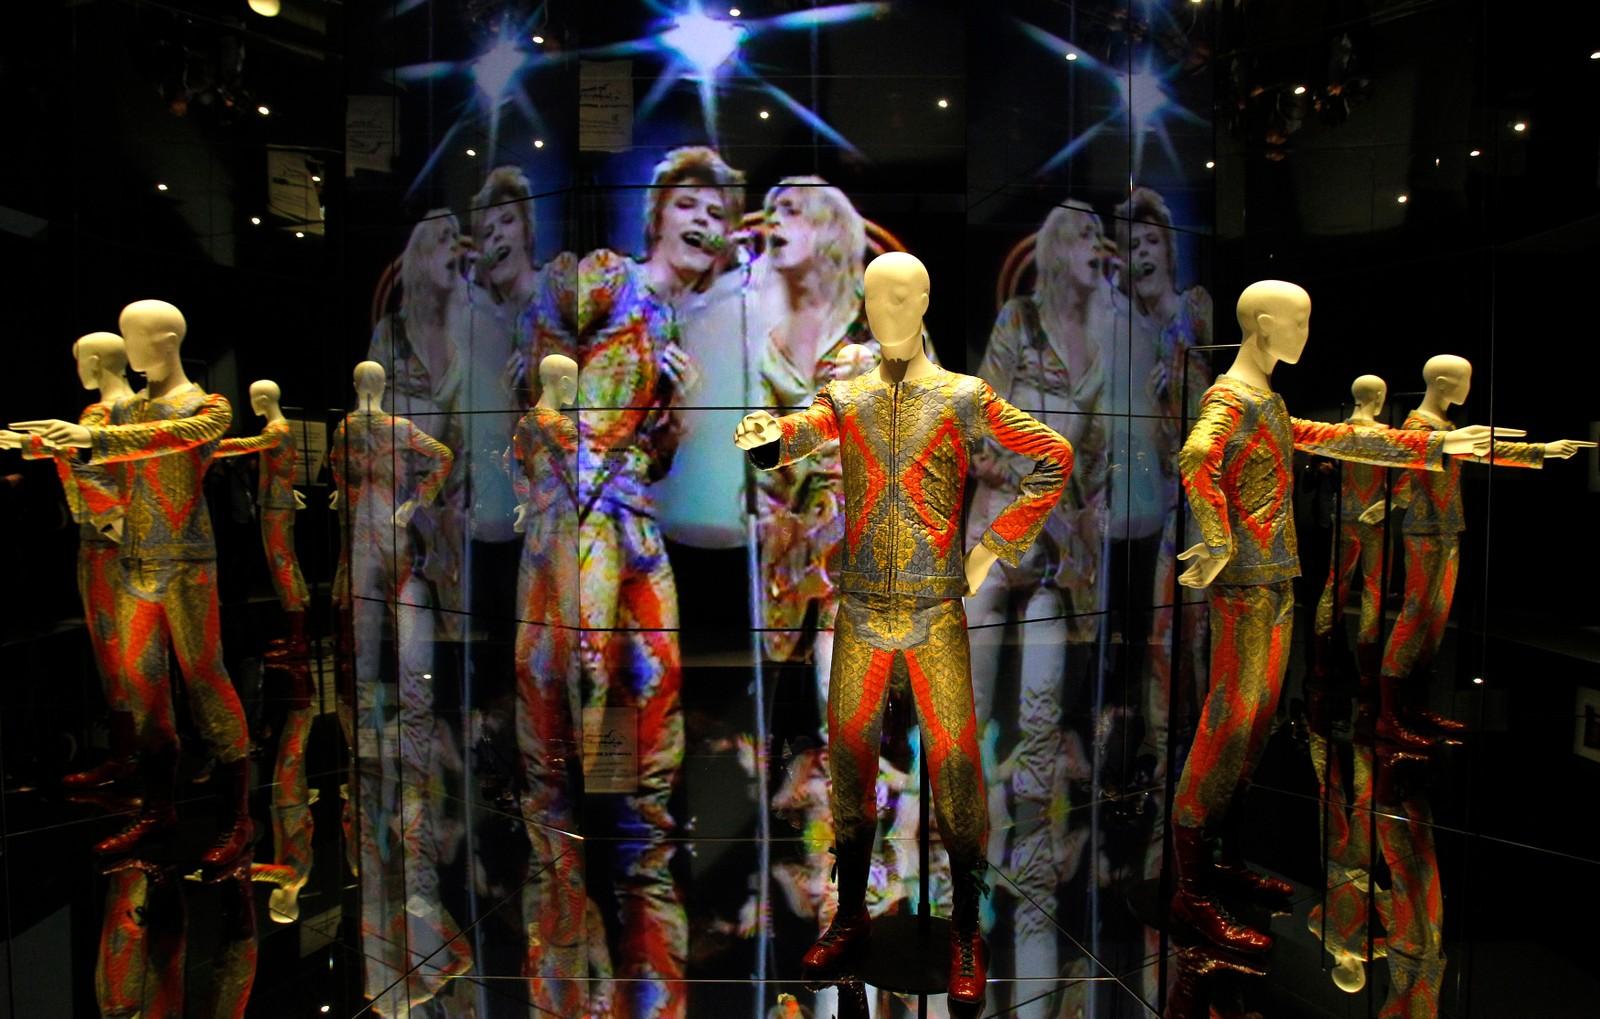 Sceneantrekket til David Bowies mest kjente alter ego, romvesenet Ziggy Stardust, utstilt i en speilsal.